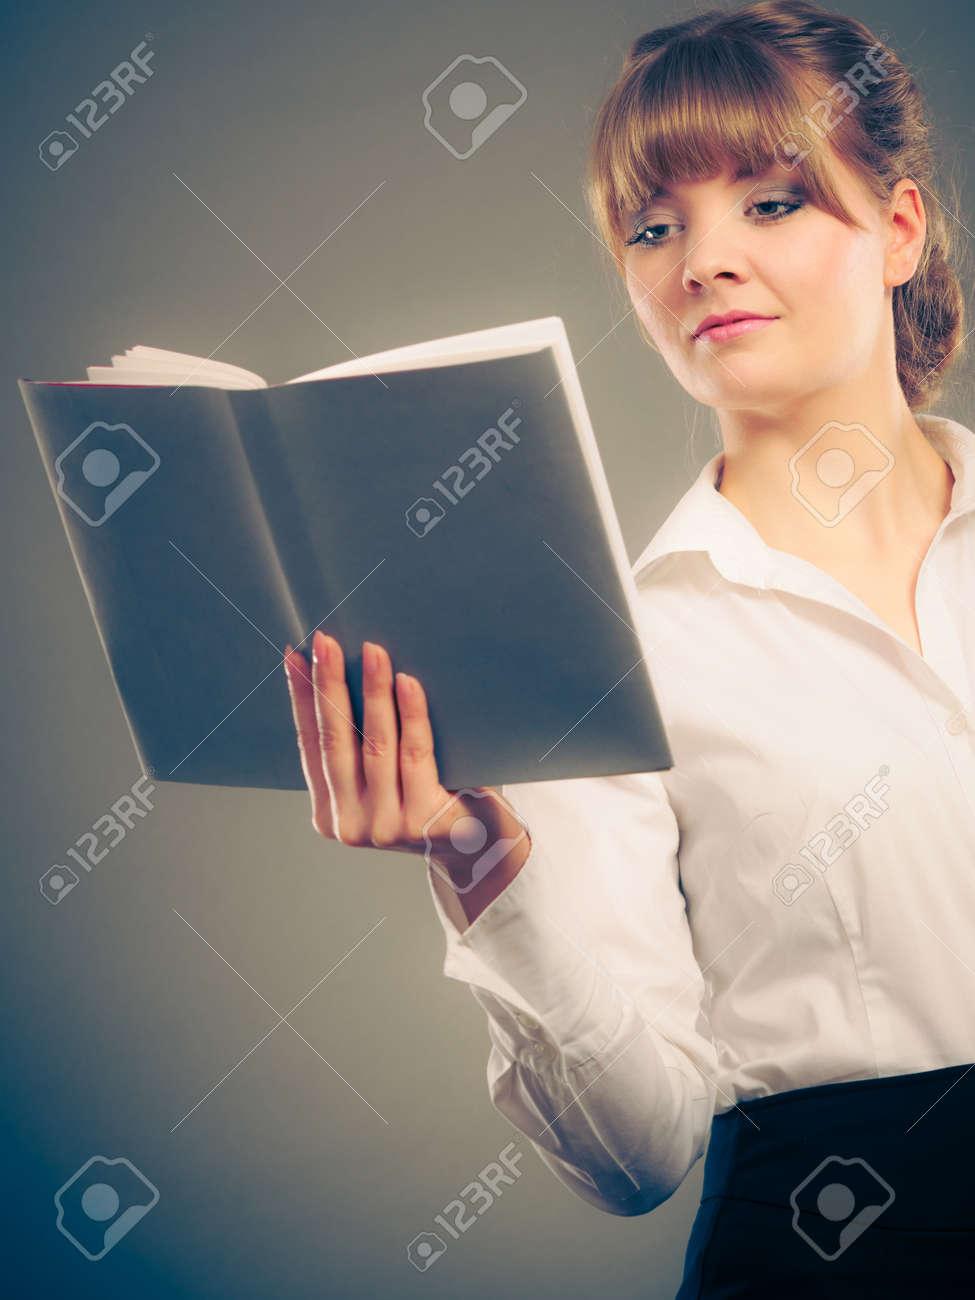 Femme Apprentissage Et Livre De Lecture Manuel Education Loisirs Jeune Fille En Chemise Blanche Etude Pour Examen